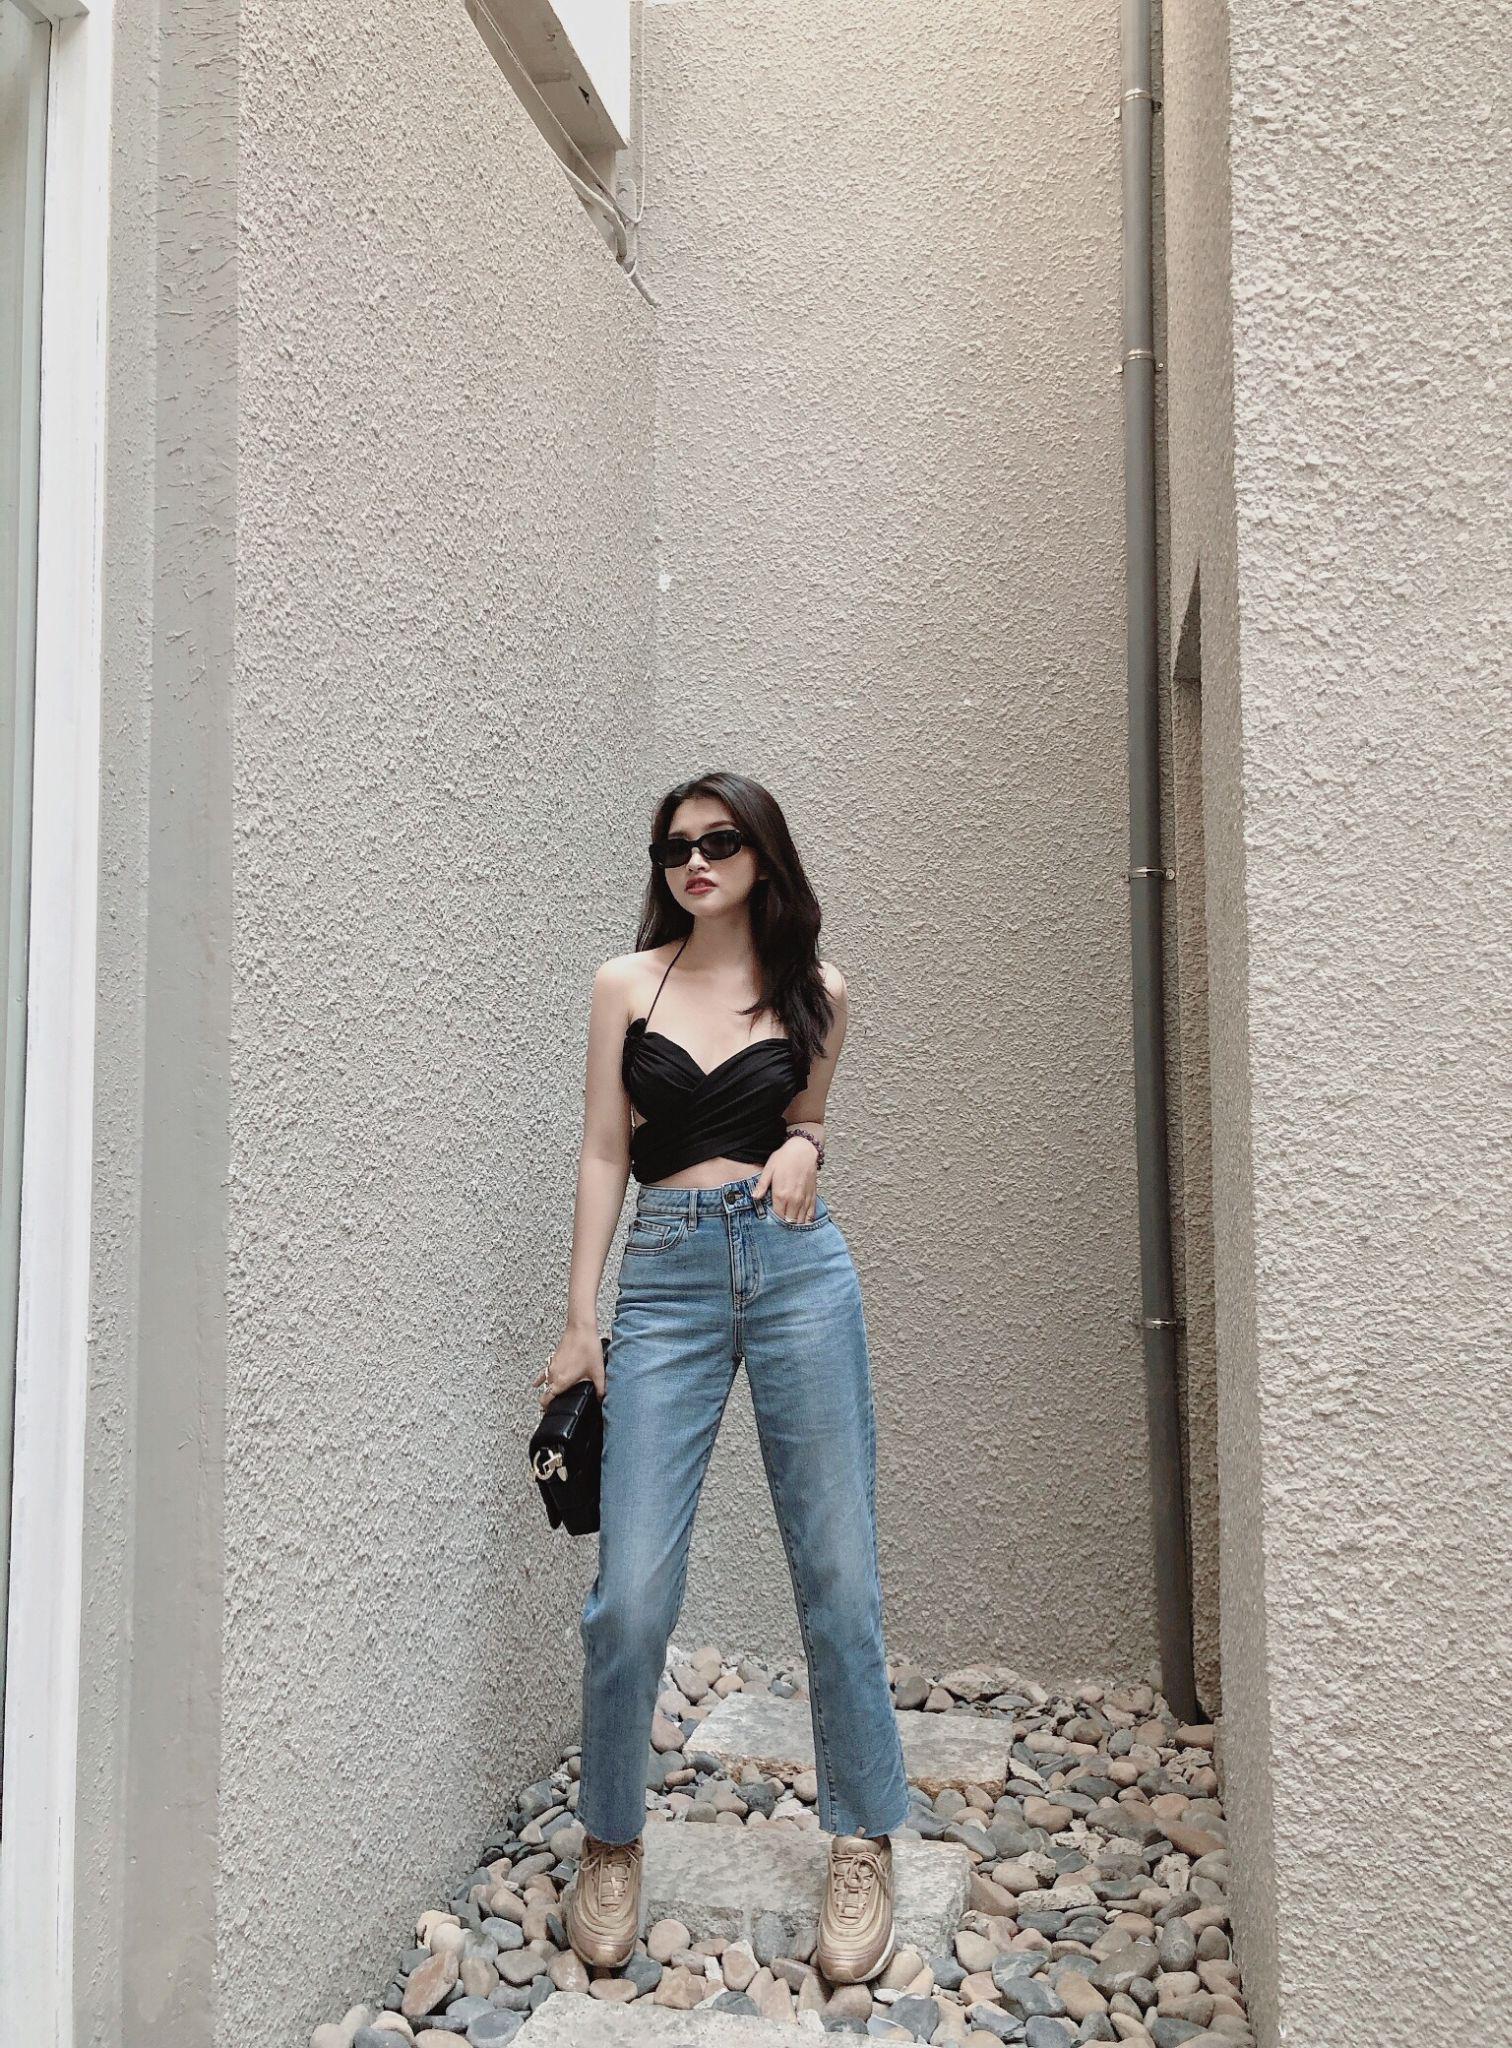 Điểm danh 6 dáng quần jeans mà cô nàng thời trang không thể thiếu - Ảnh 8.